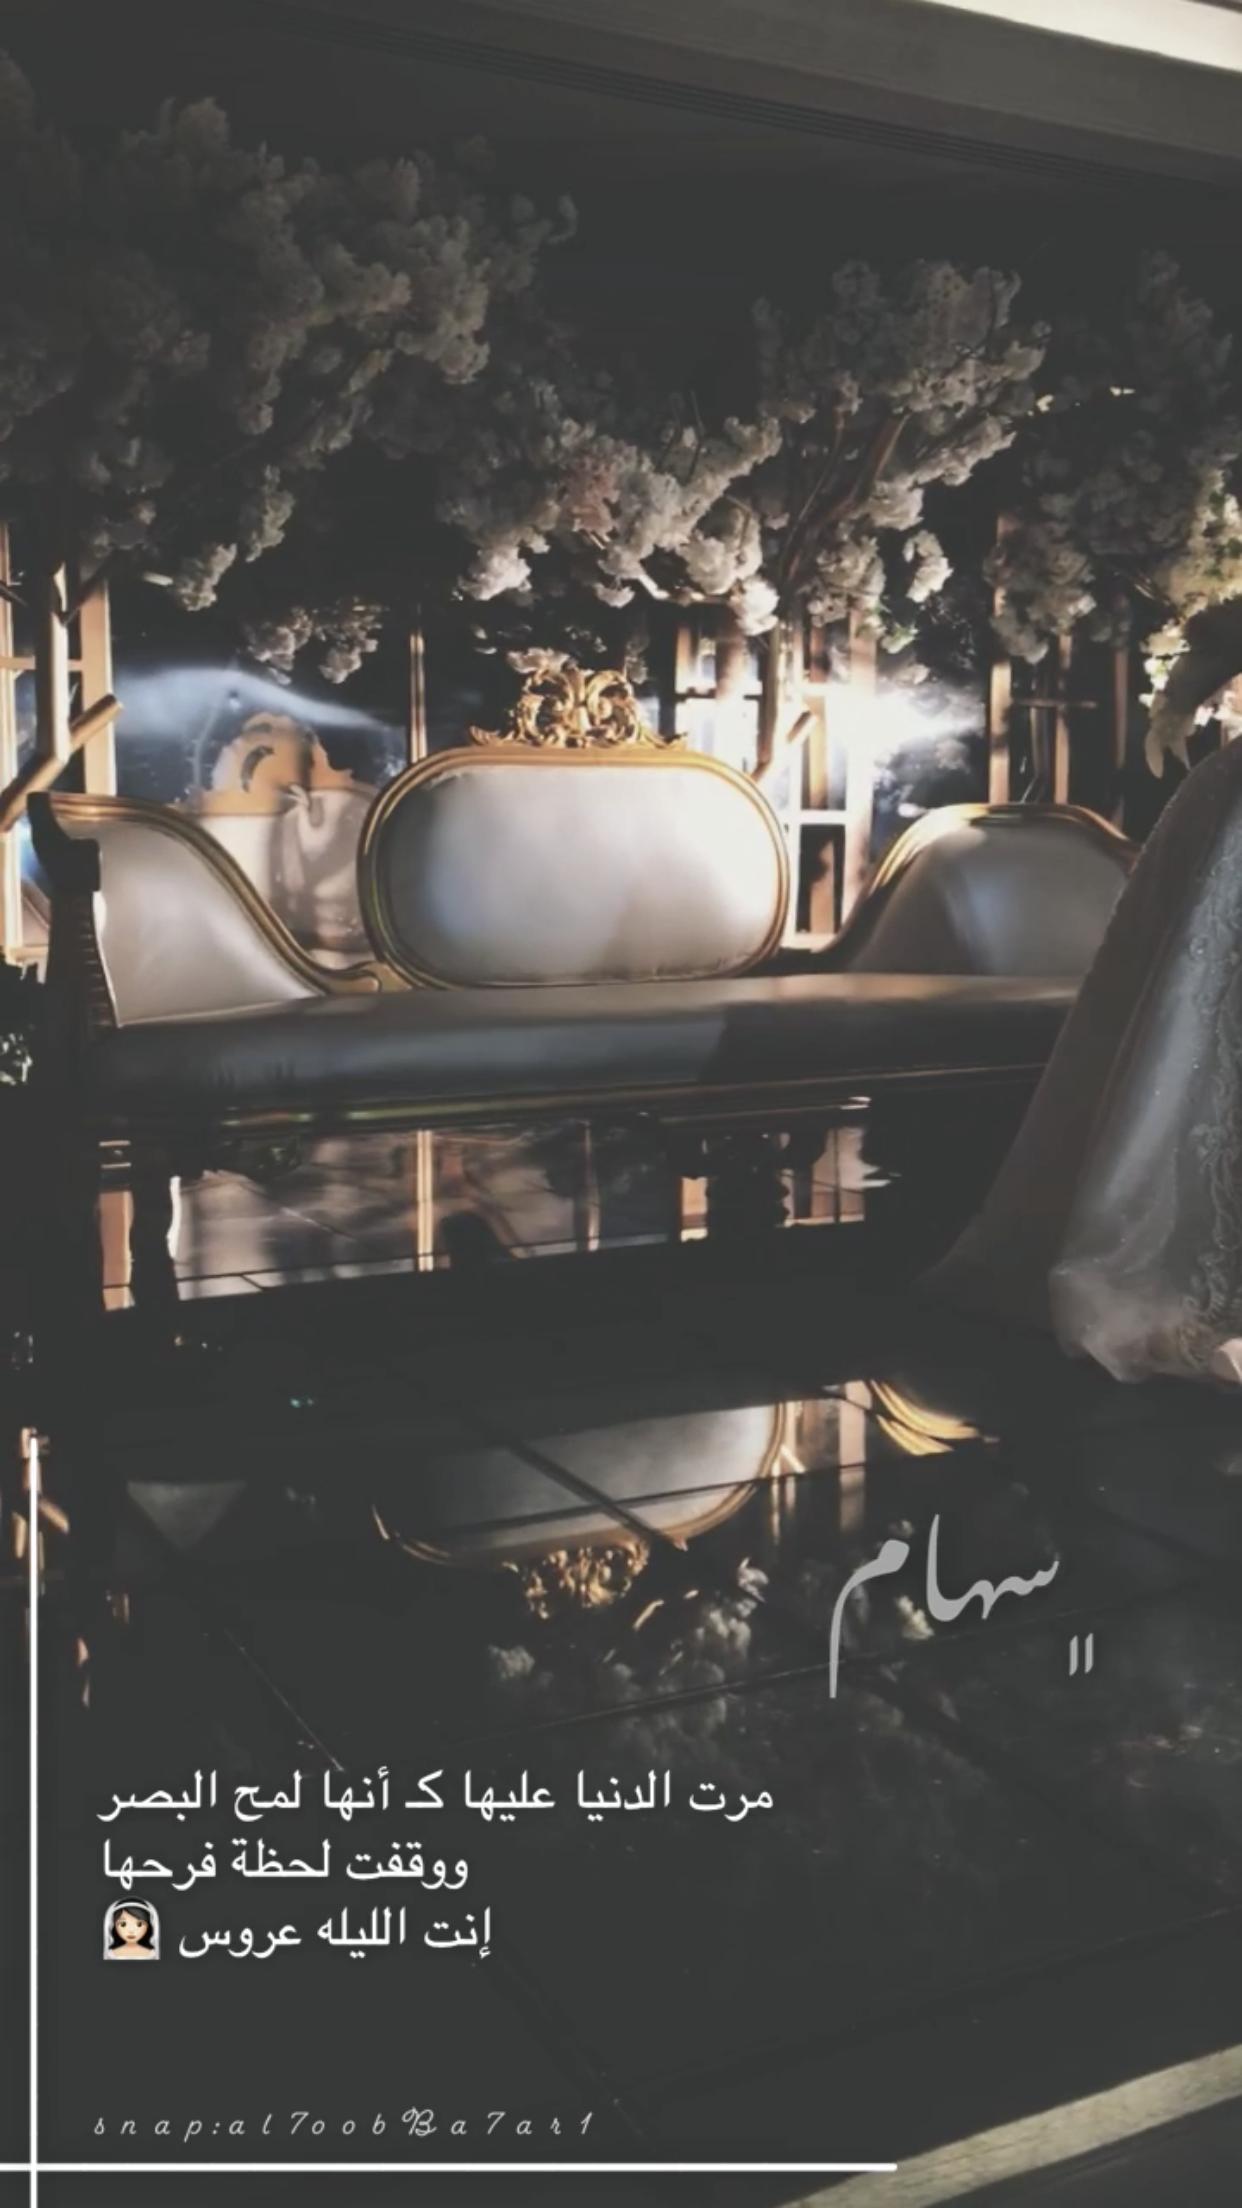 همسة سهام مرت الدنيا عليها كـ أنها لمح البصر ووقفت لحظة فرحها إنت الليله عروس تصوي Arab Wedding Wedding Photography Contract Wedding Snapchat